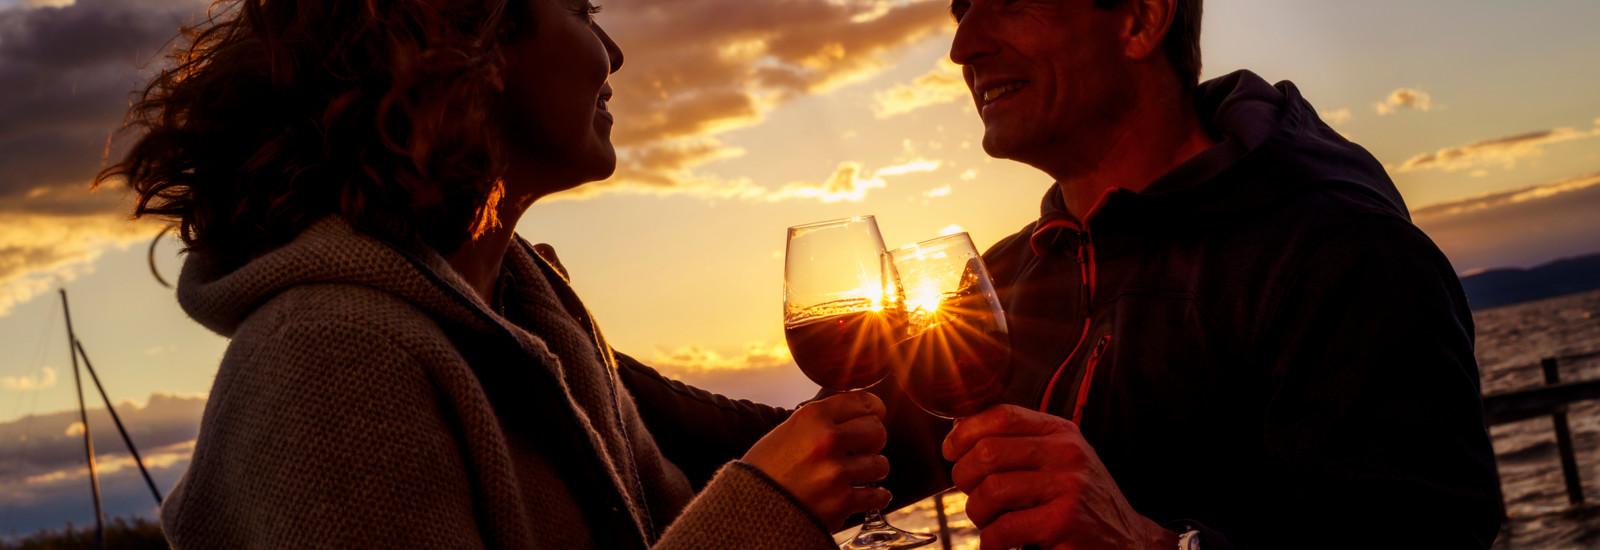 Gemütlicher Ausklang einer Radtour mit einem Glas Wein